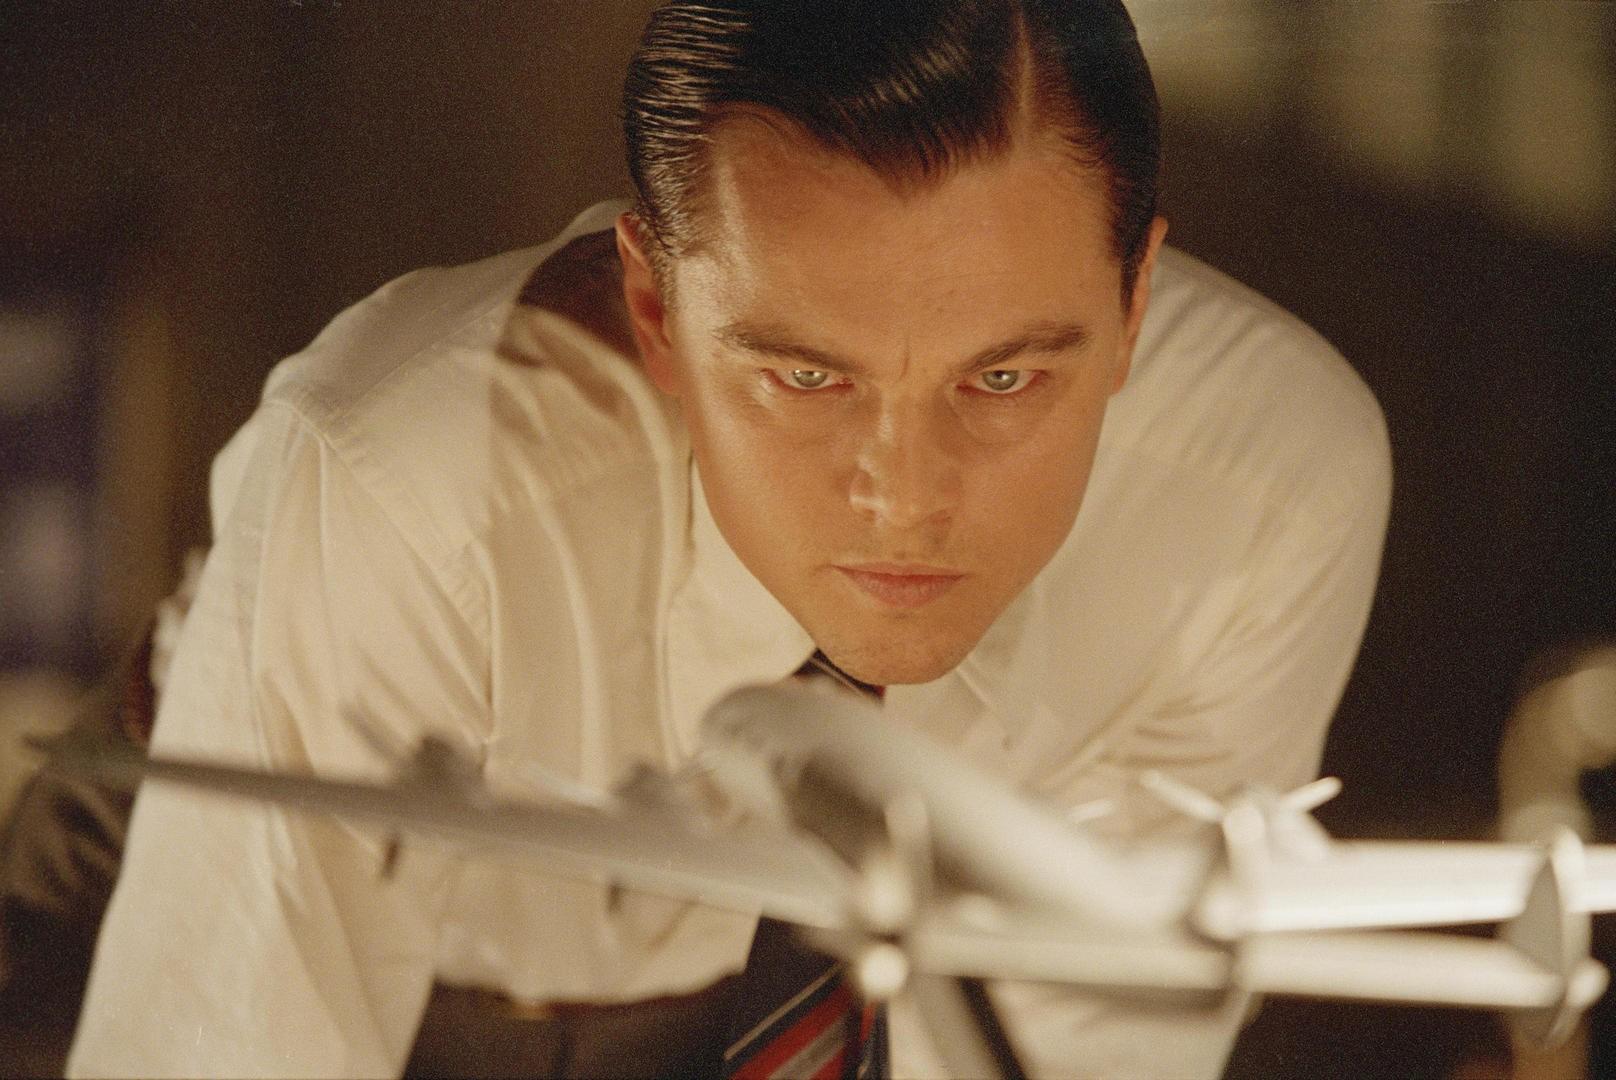 O Aviador, filme de Martin Scorcese com Leonardo DiCaprio, estreia neste 1 de novembro na Netflix (Foto: Reprodução/Netflix)